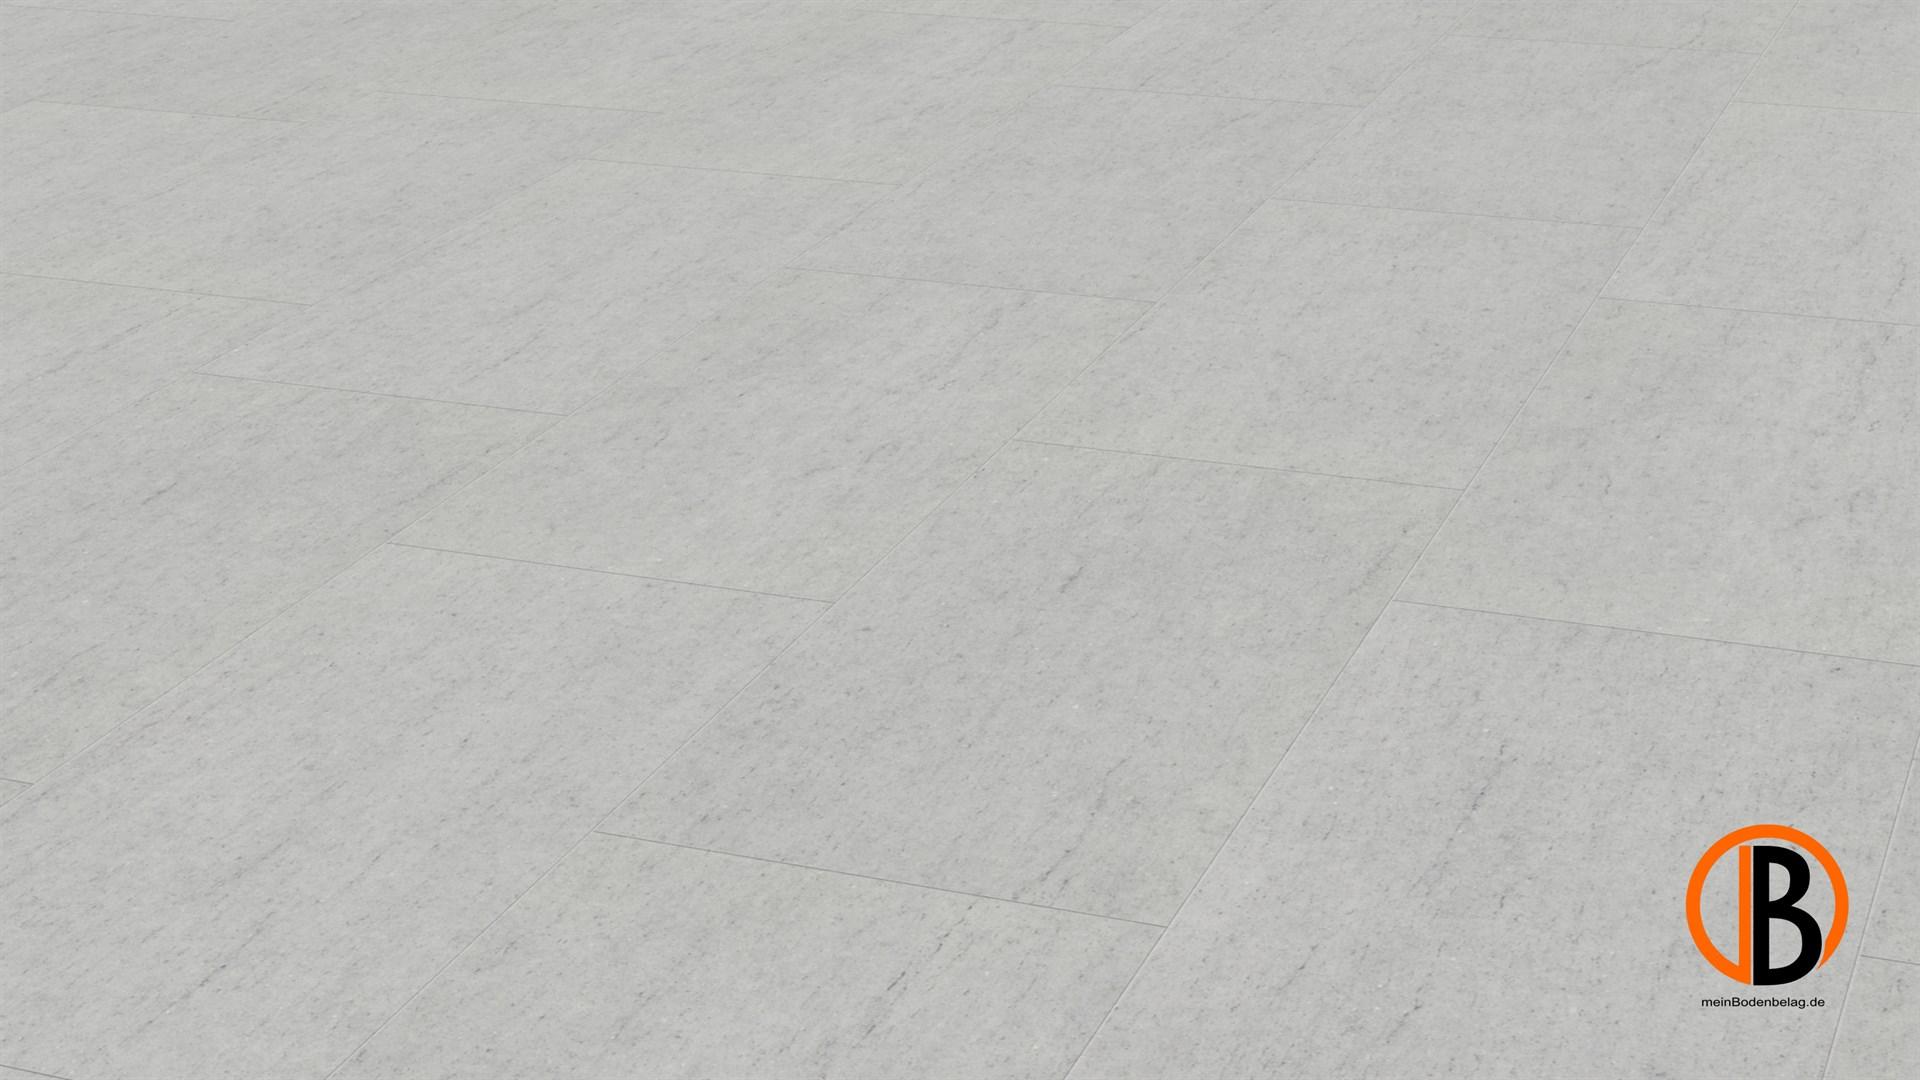 CINQUE GERFLOR VINYL VIRTUO CLASSIC 2.5/0.55 | 10000669;0 | Bild 1